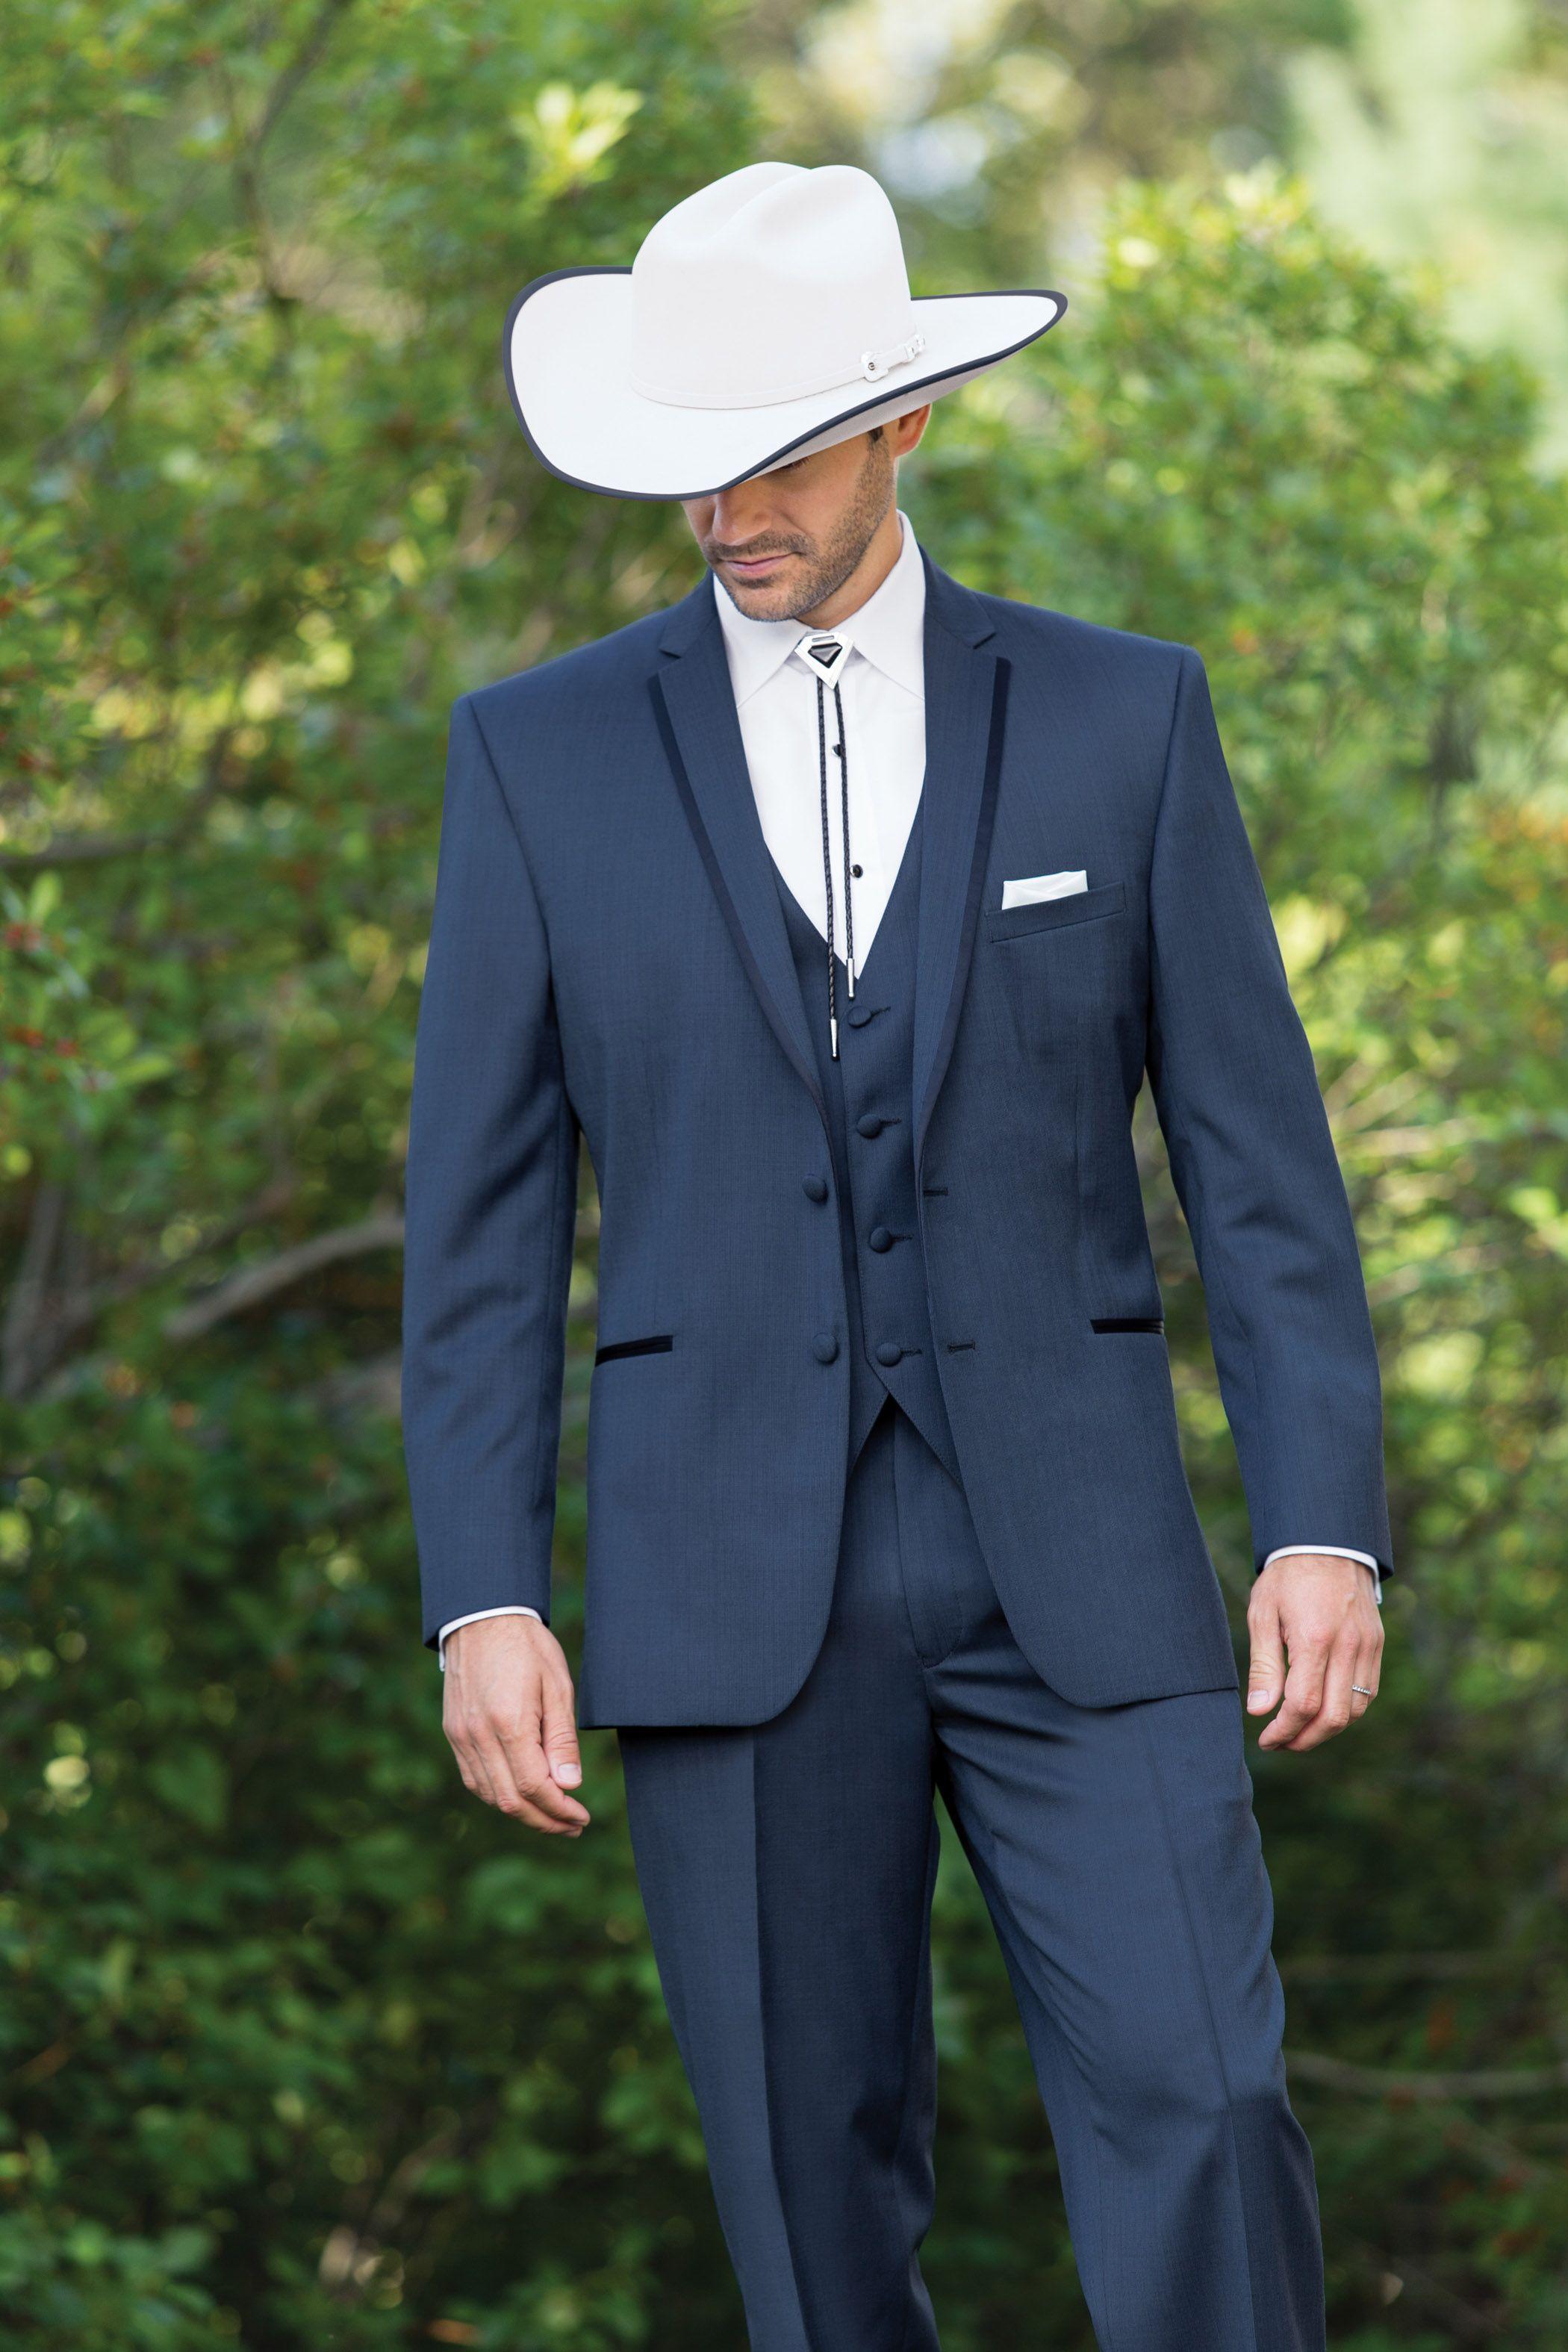 d6724f30f136c Stephen Geoffrey Aspen Slate Blue Tuxedo. Looks good on gentlemen   cowboys…